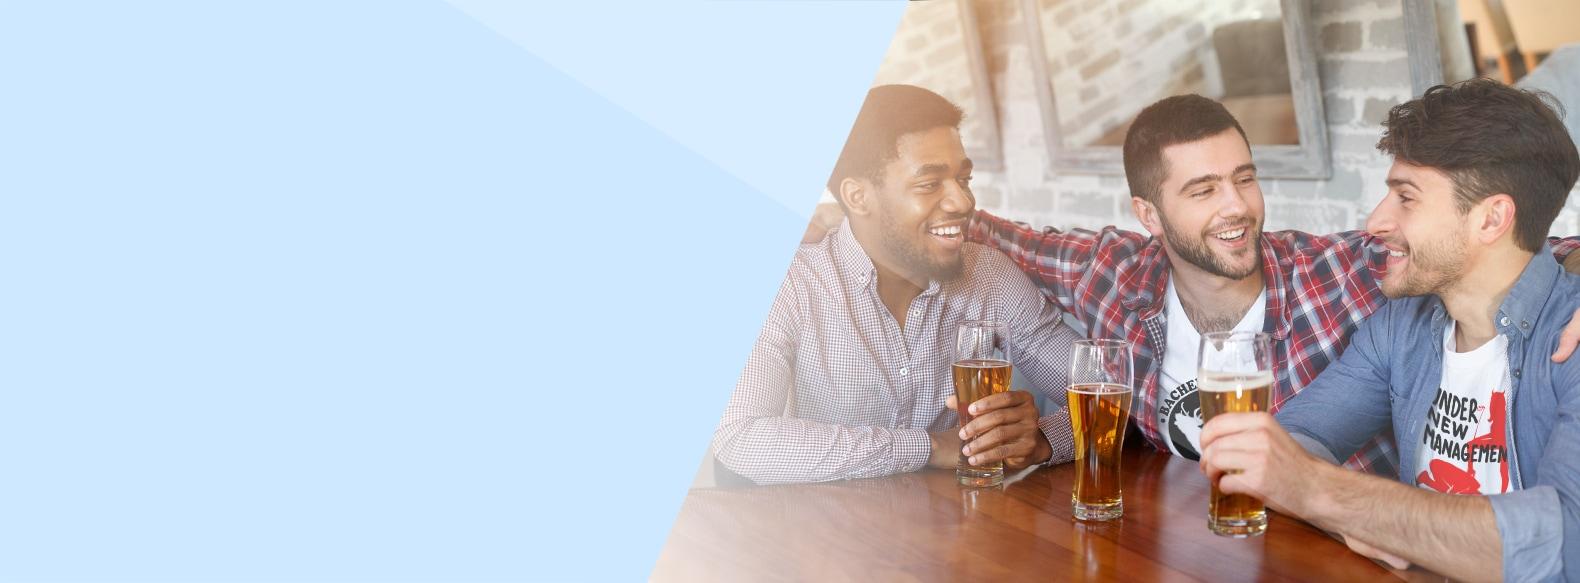 Junge Herren mit Bier feiern Junggesellenabschied